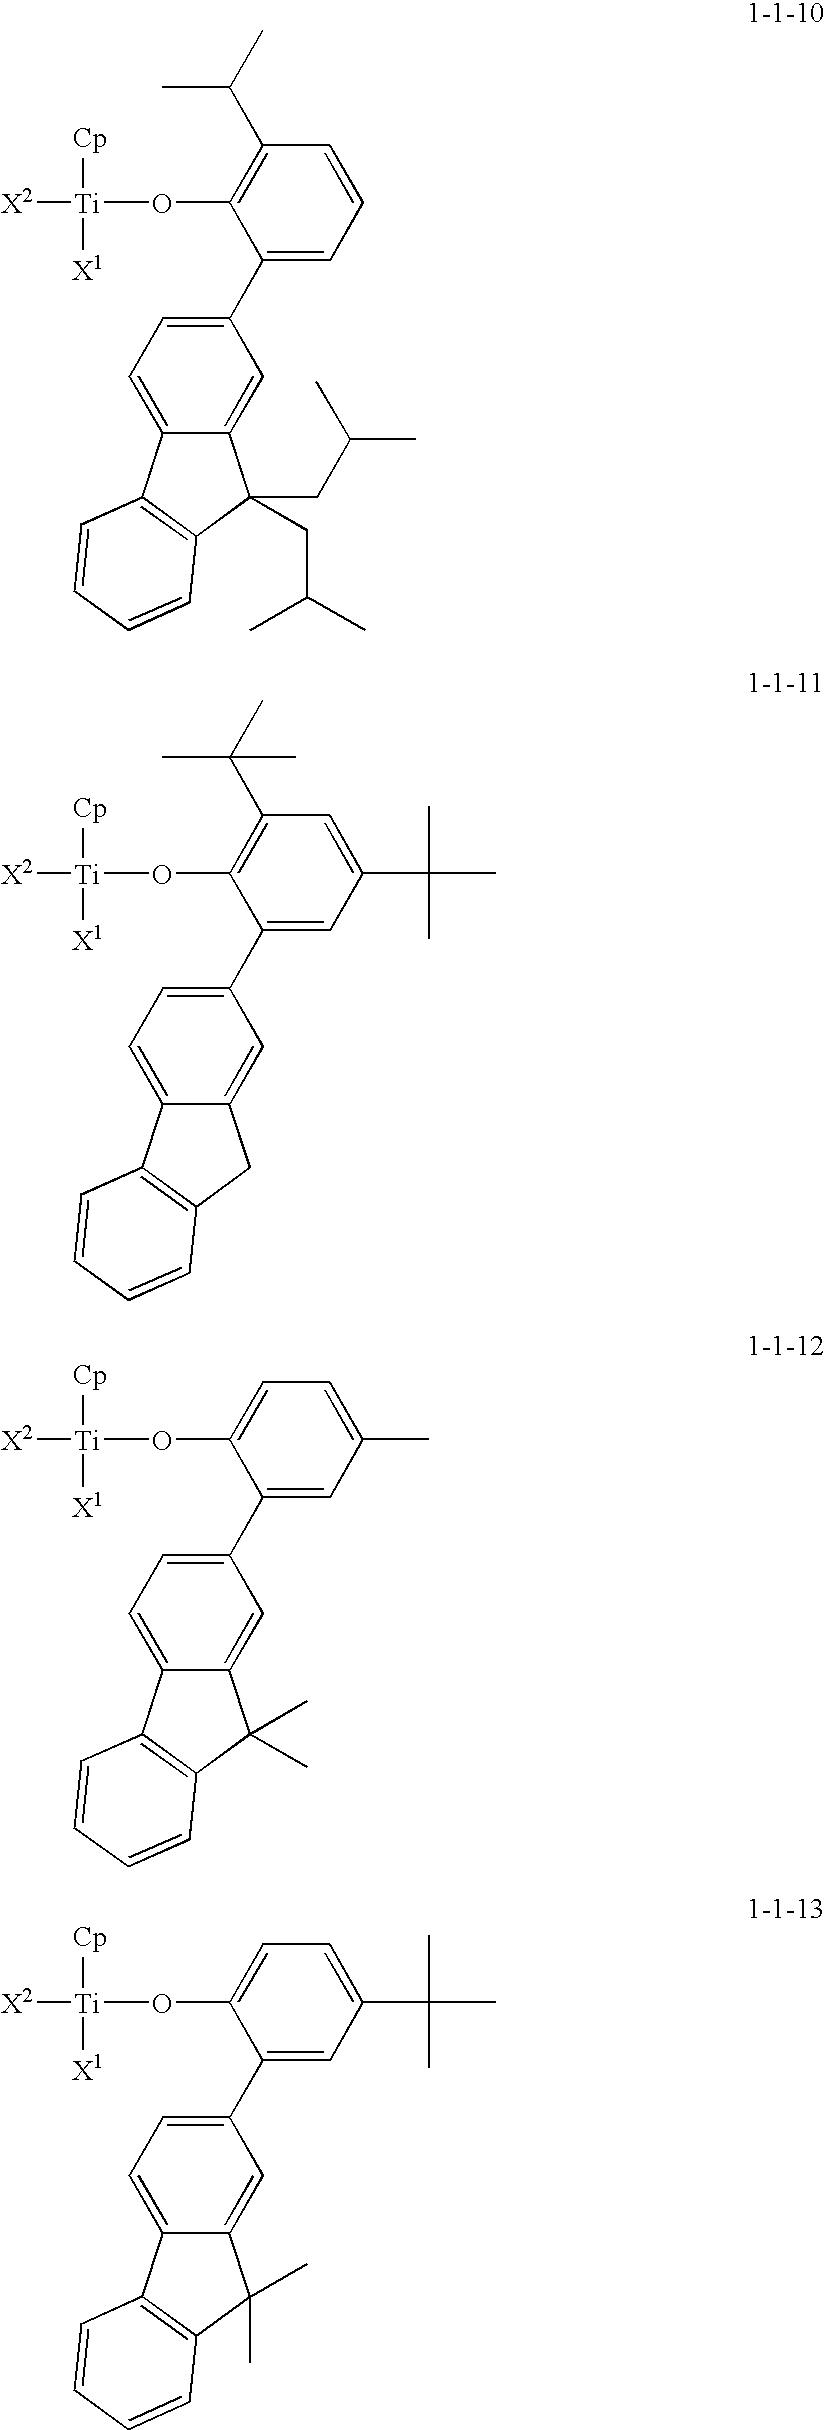 Figure US20100081776A1-20100401-C00028